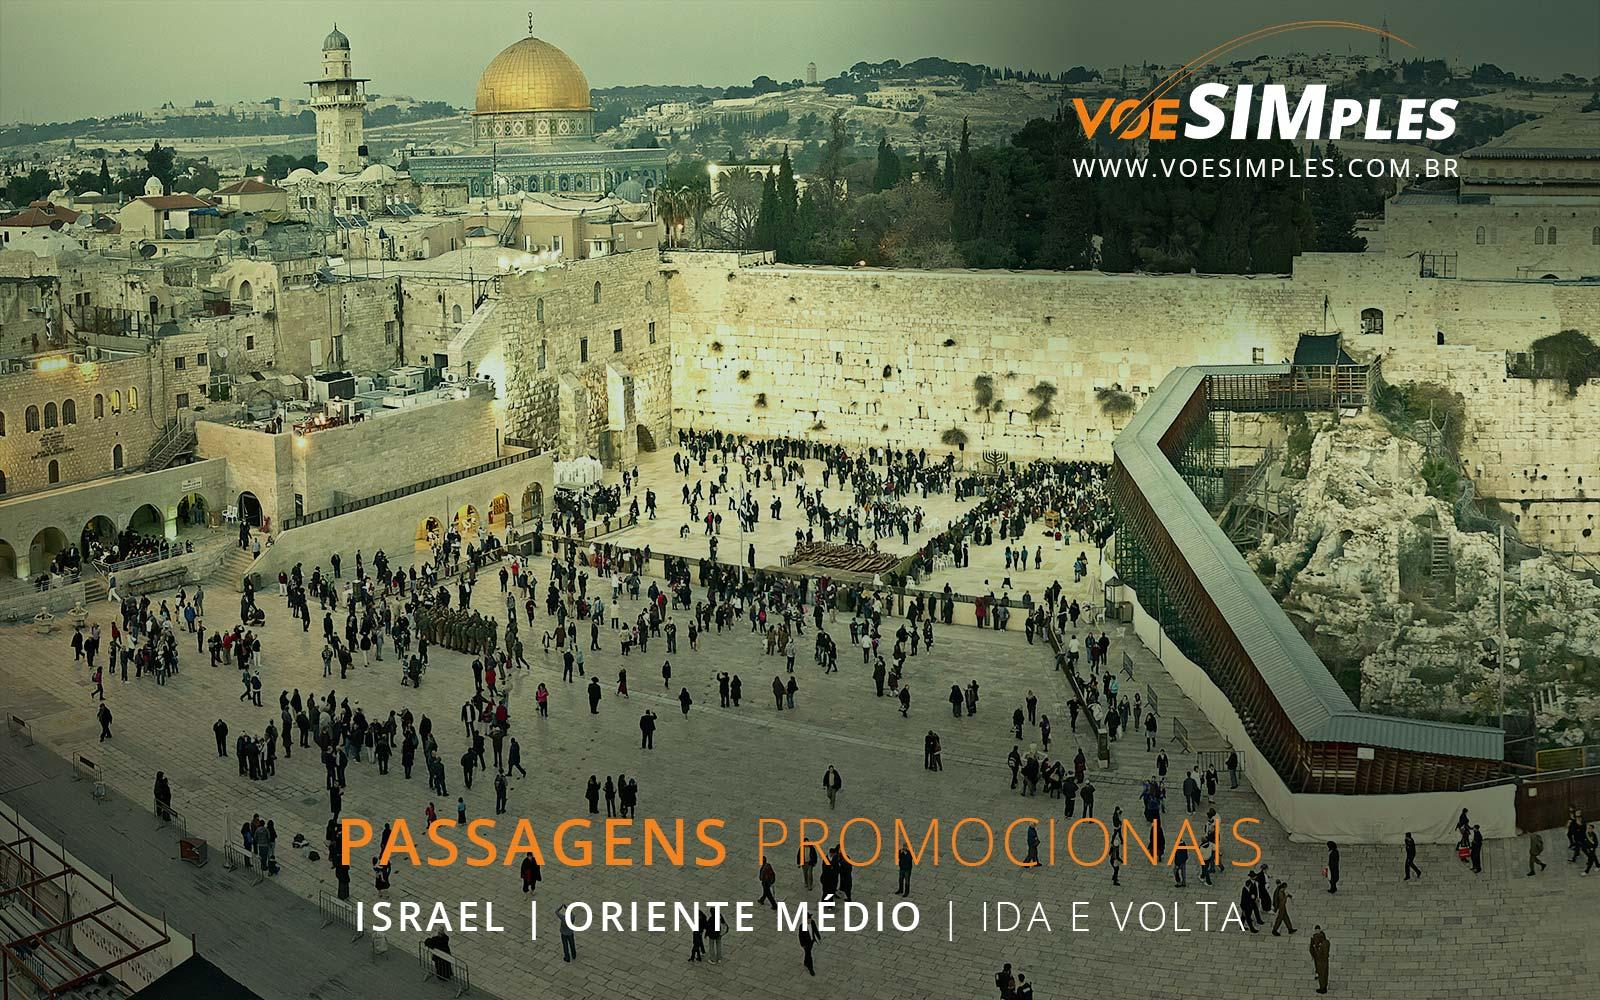 Promoção de passagens aéreas para Israel